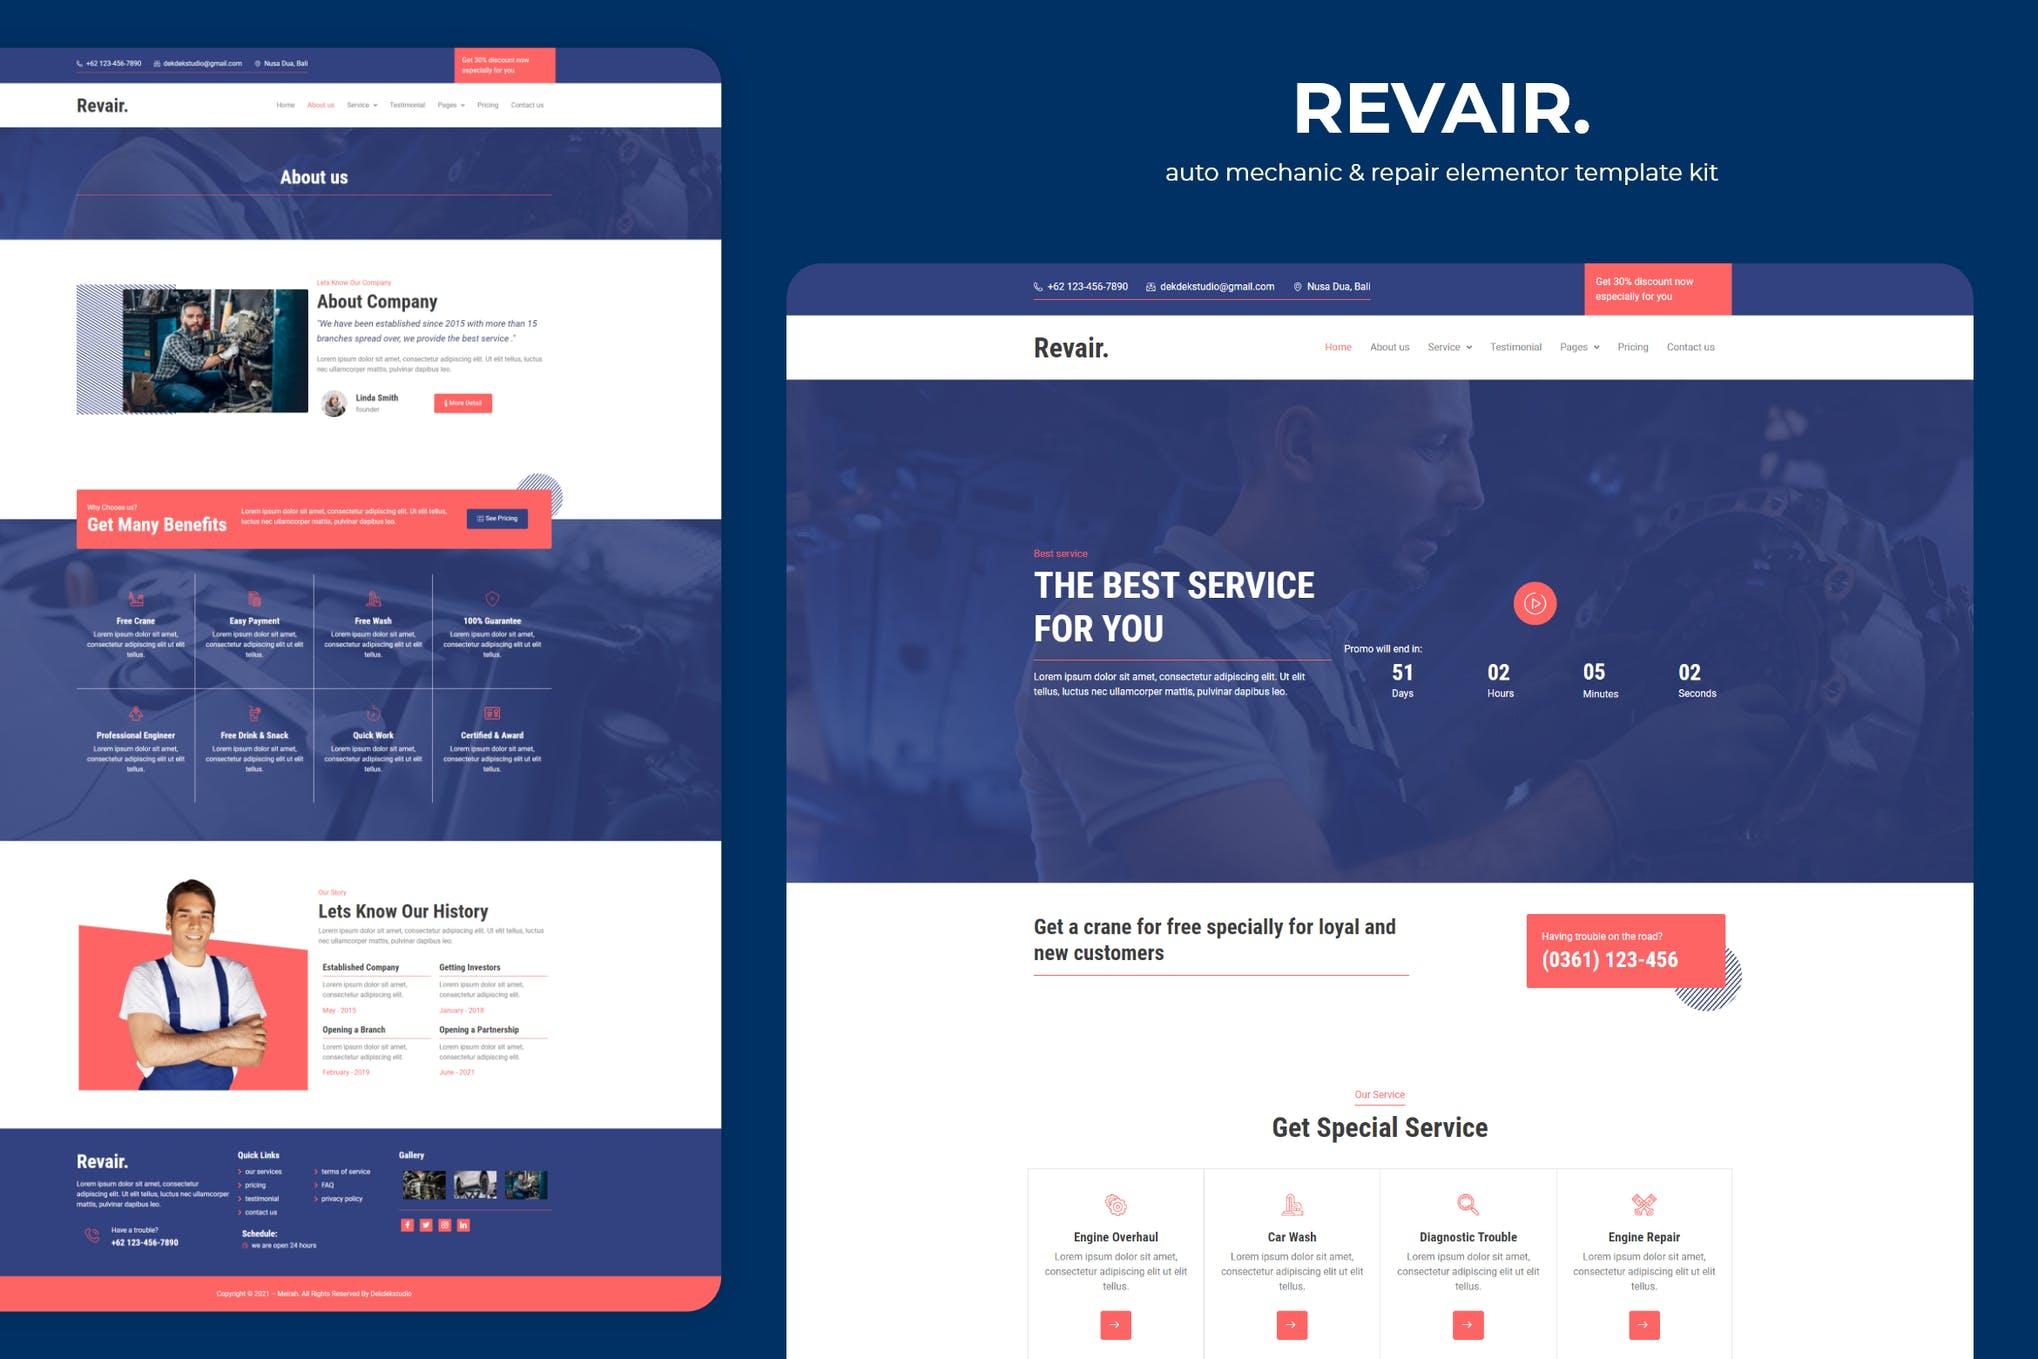 Revair.jpg